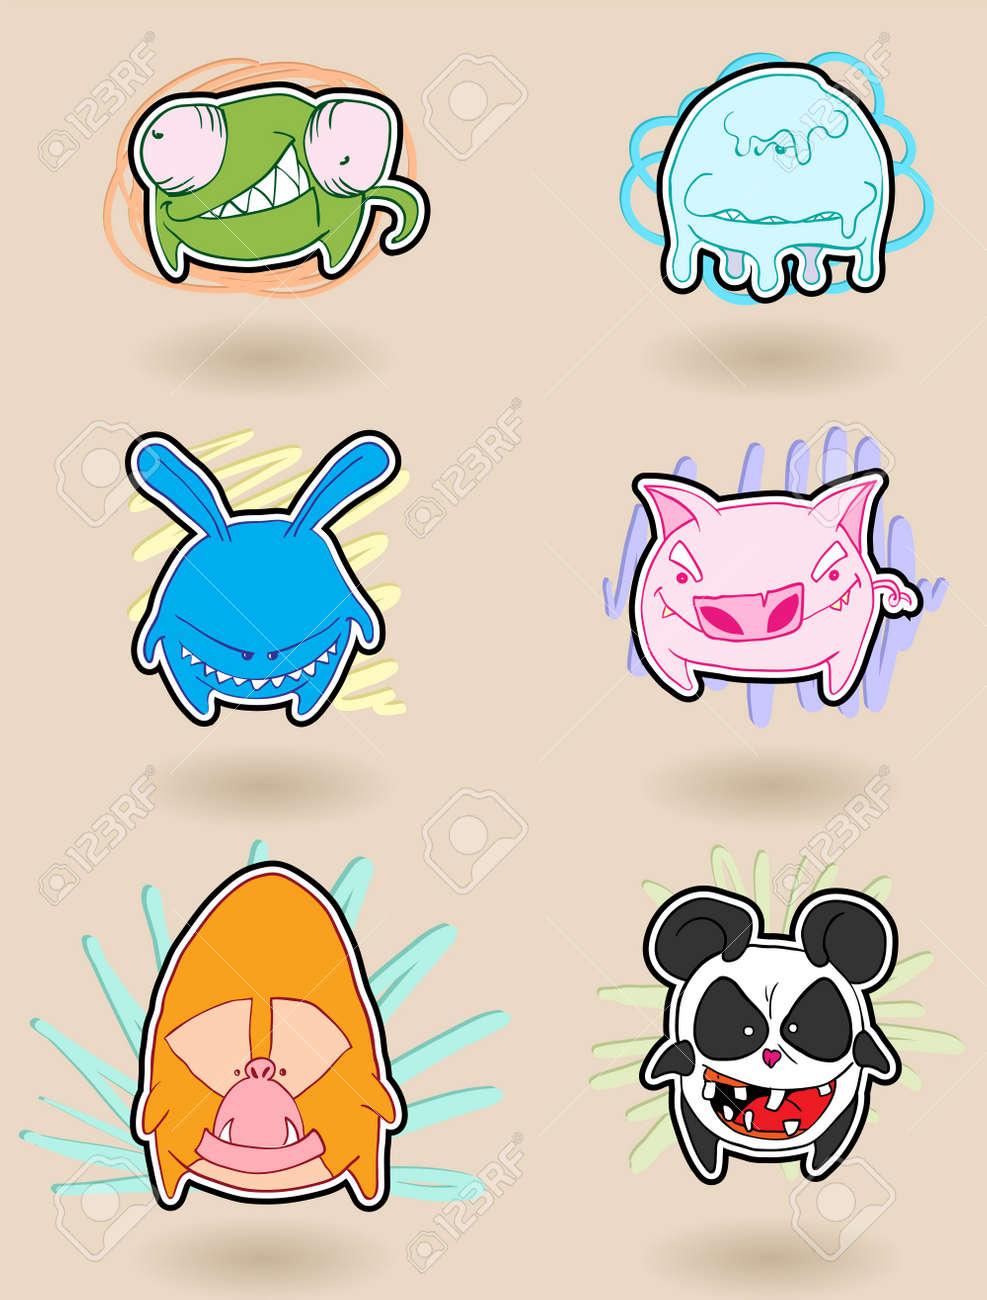 怒っている、カラフルな面白い動物のキャラクター。イラスト